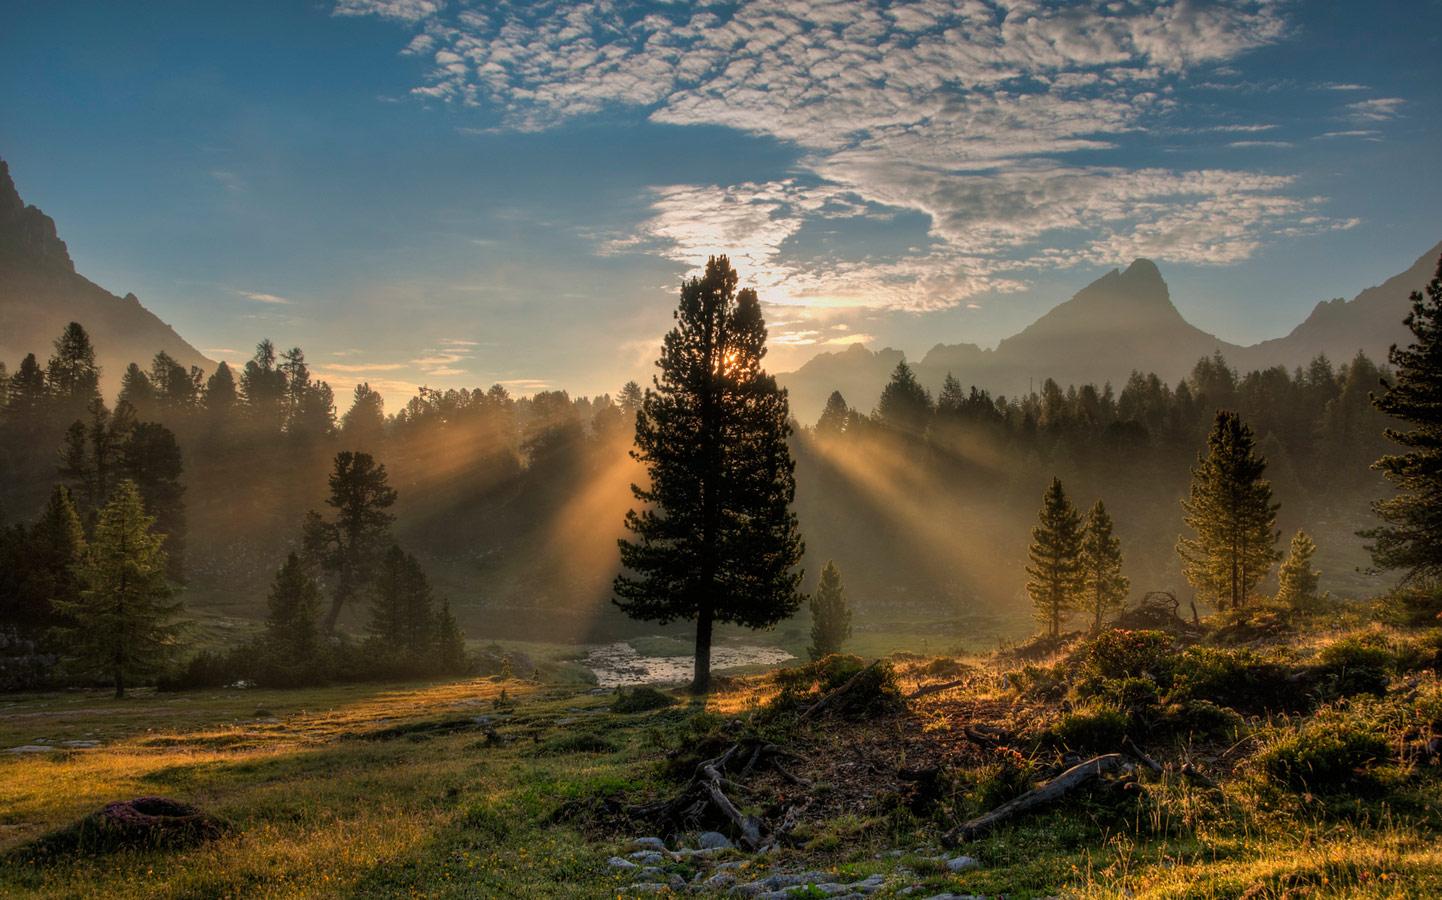 Утро дерева, © Том Шталь, Сан-Франциско, Калифорния, США, Финалист категории «Пейзажи» : любитель, Фотоконкурс «Великие просторы» — пейзажи и живая природа — The Great Outdoors